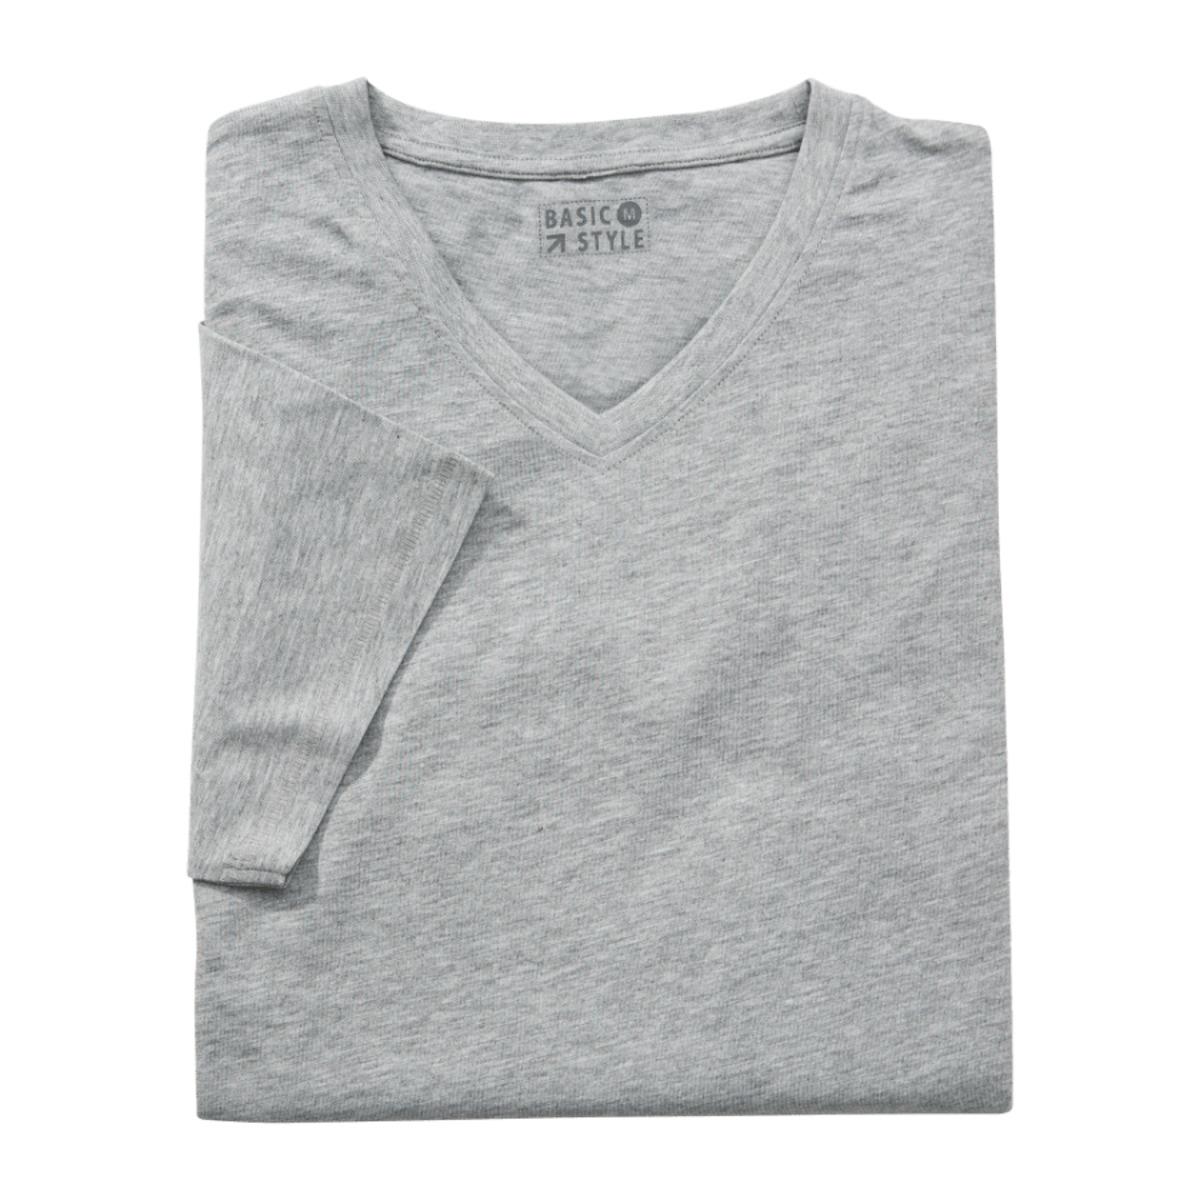 Bild 3 von STRAIGHT UP     T-Shirt Basic-Style